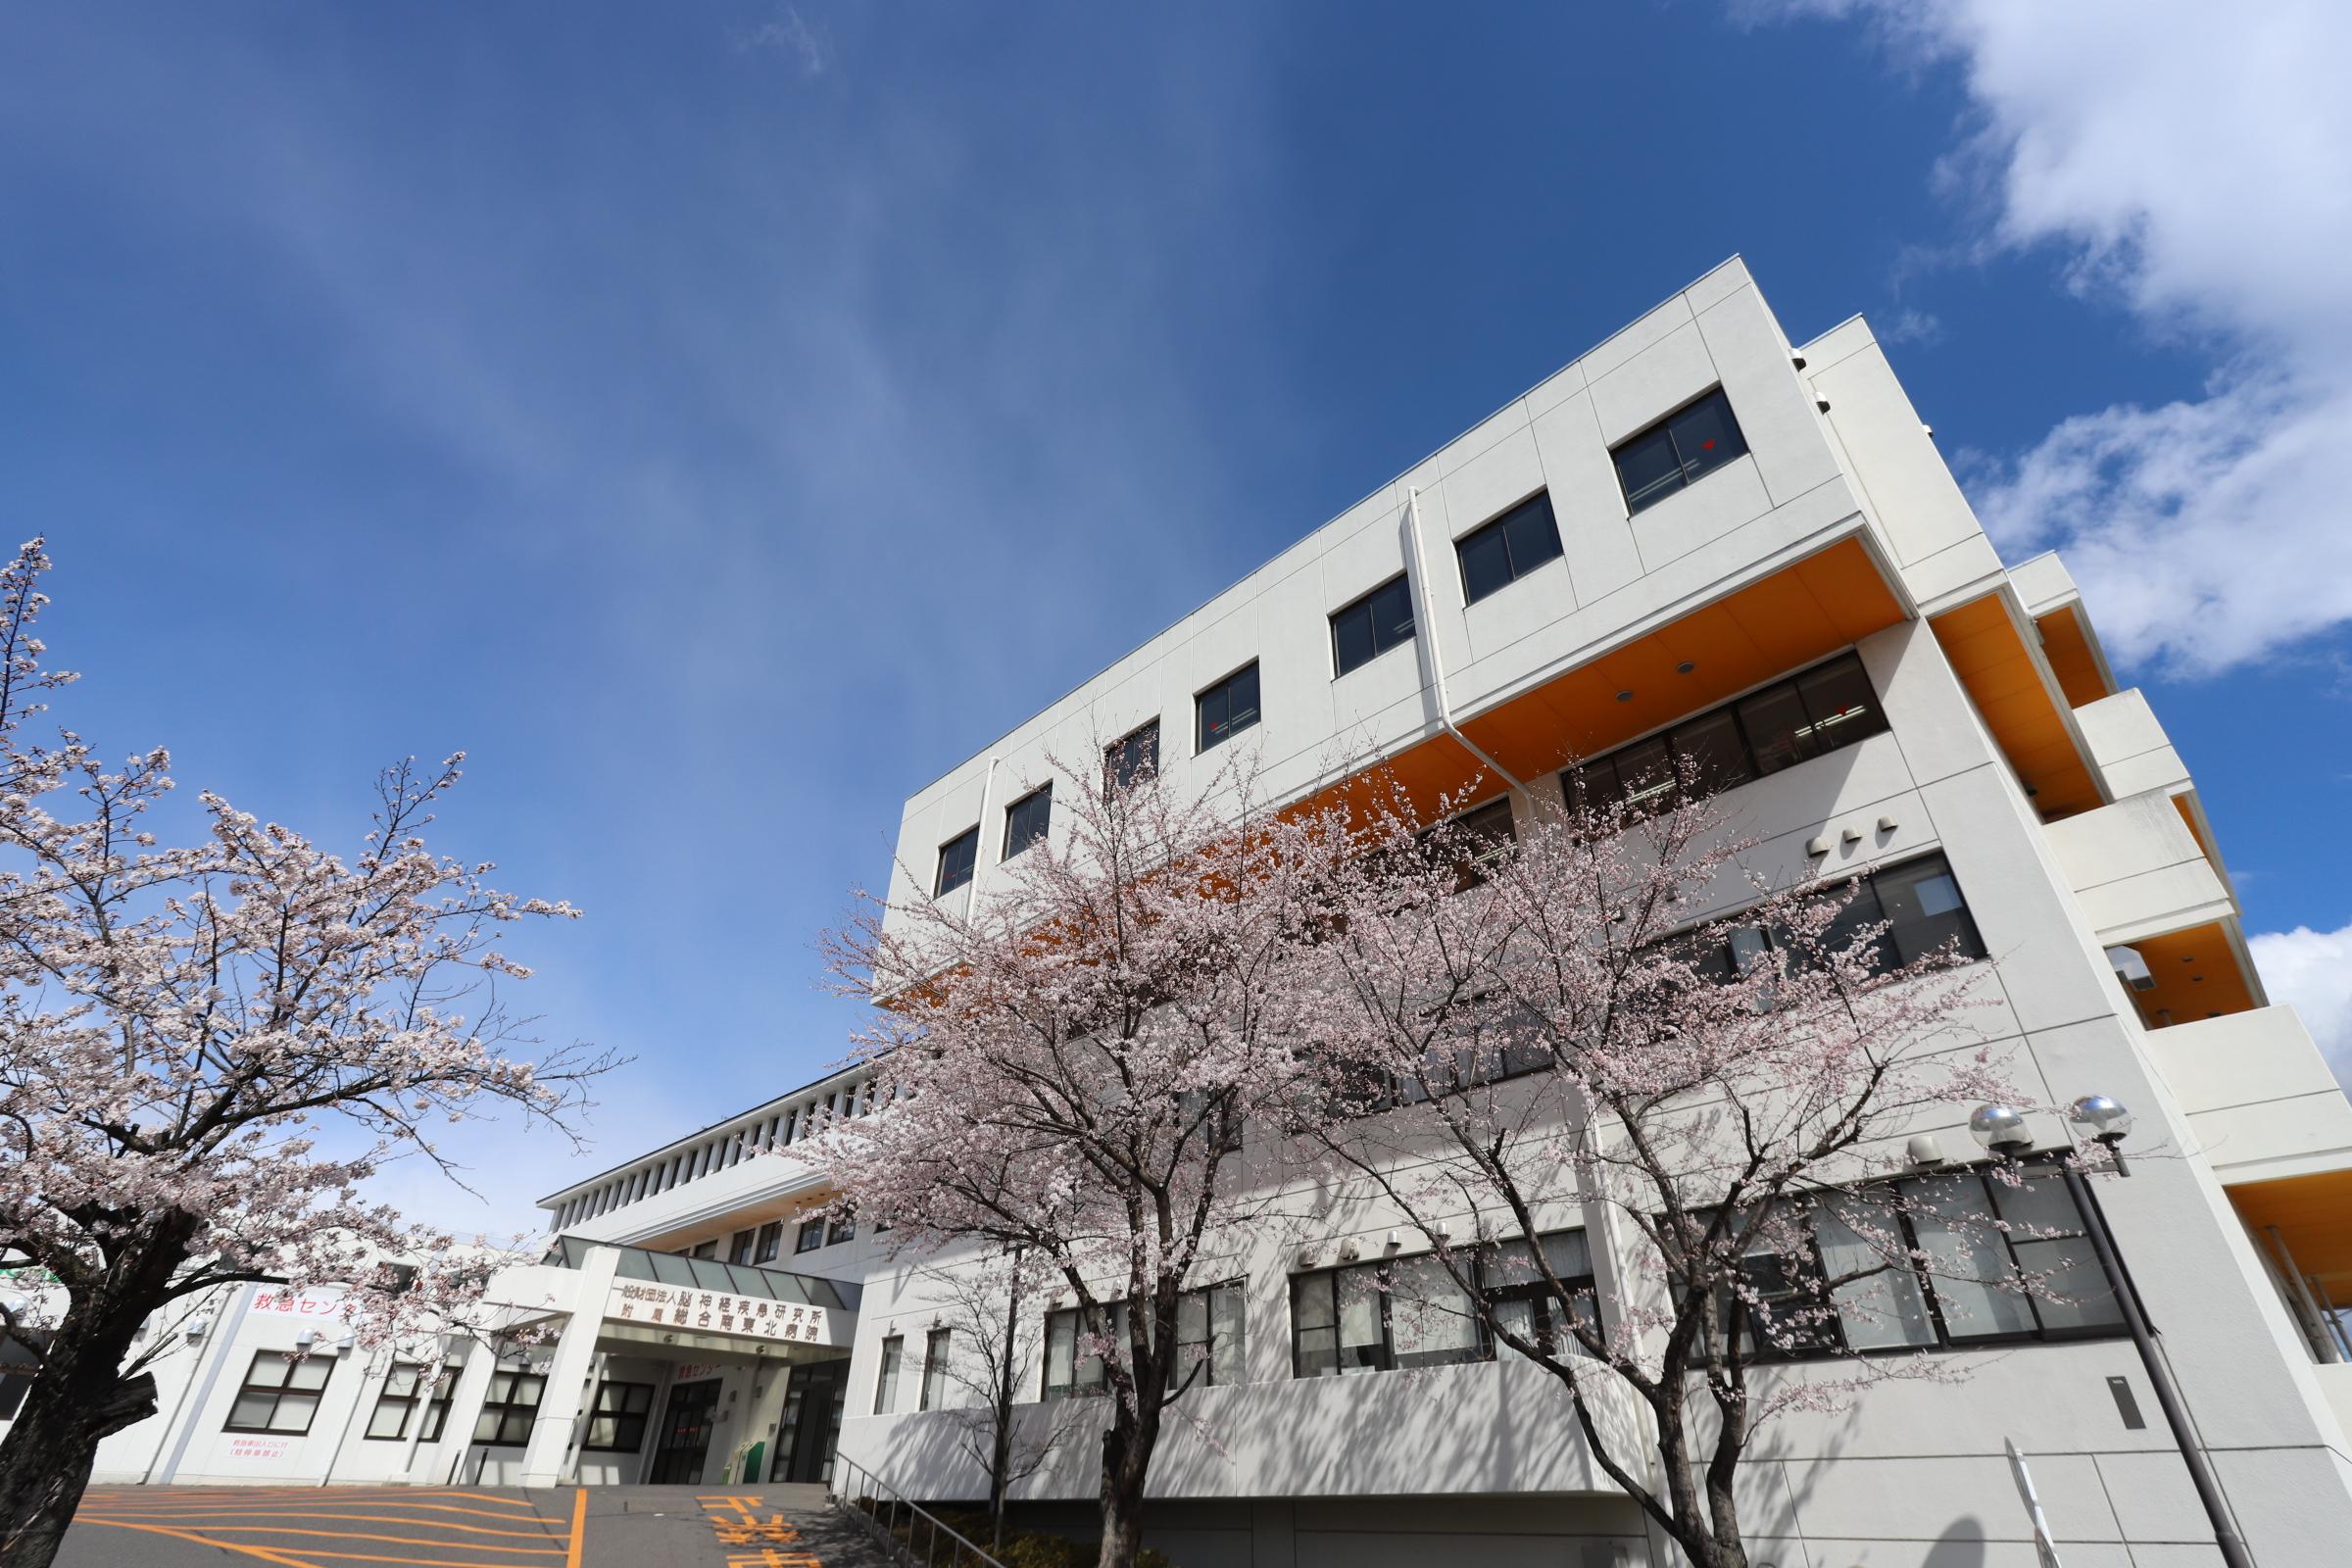 一般財団法人 脳神経疾患研究所 附属 総合南東北病院